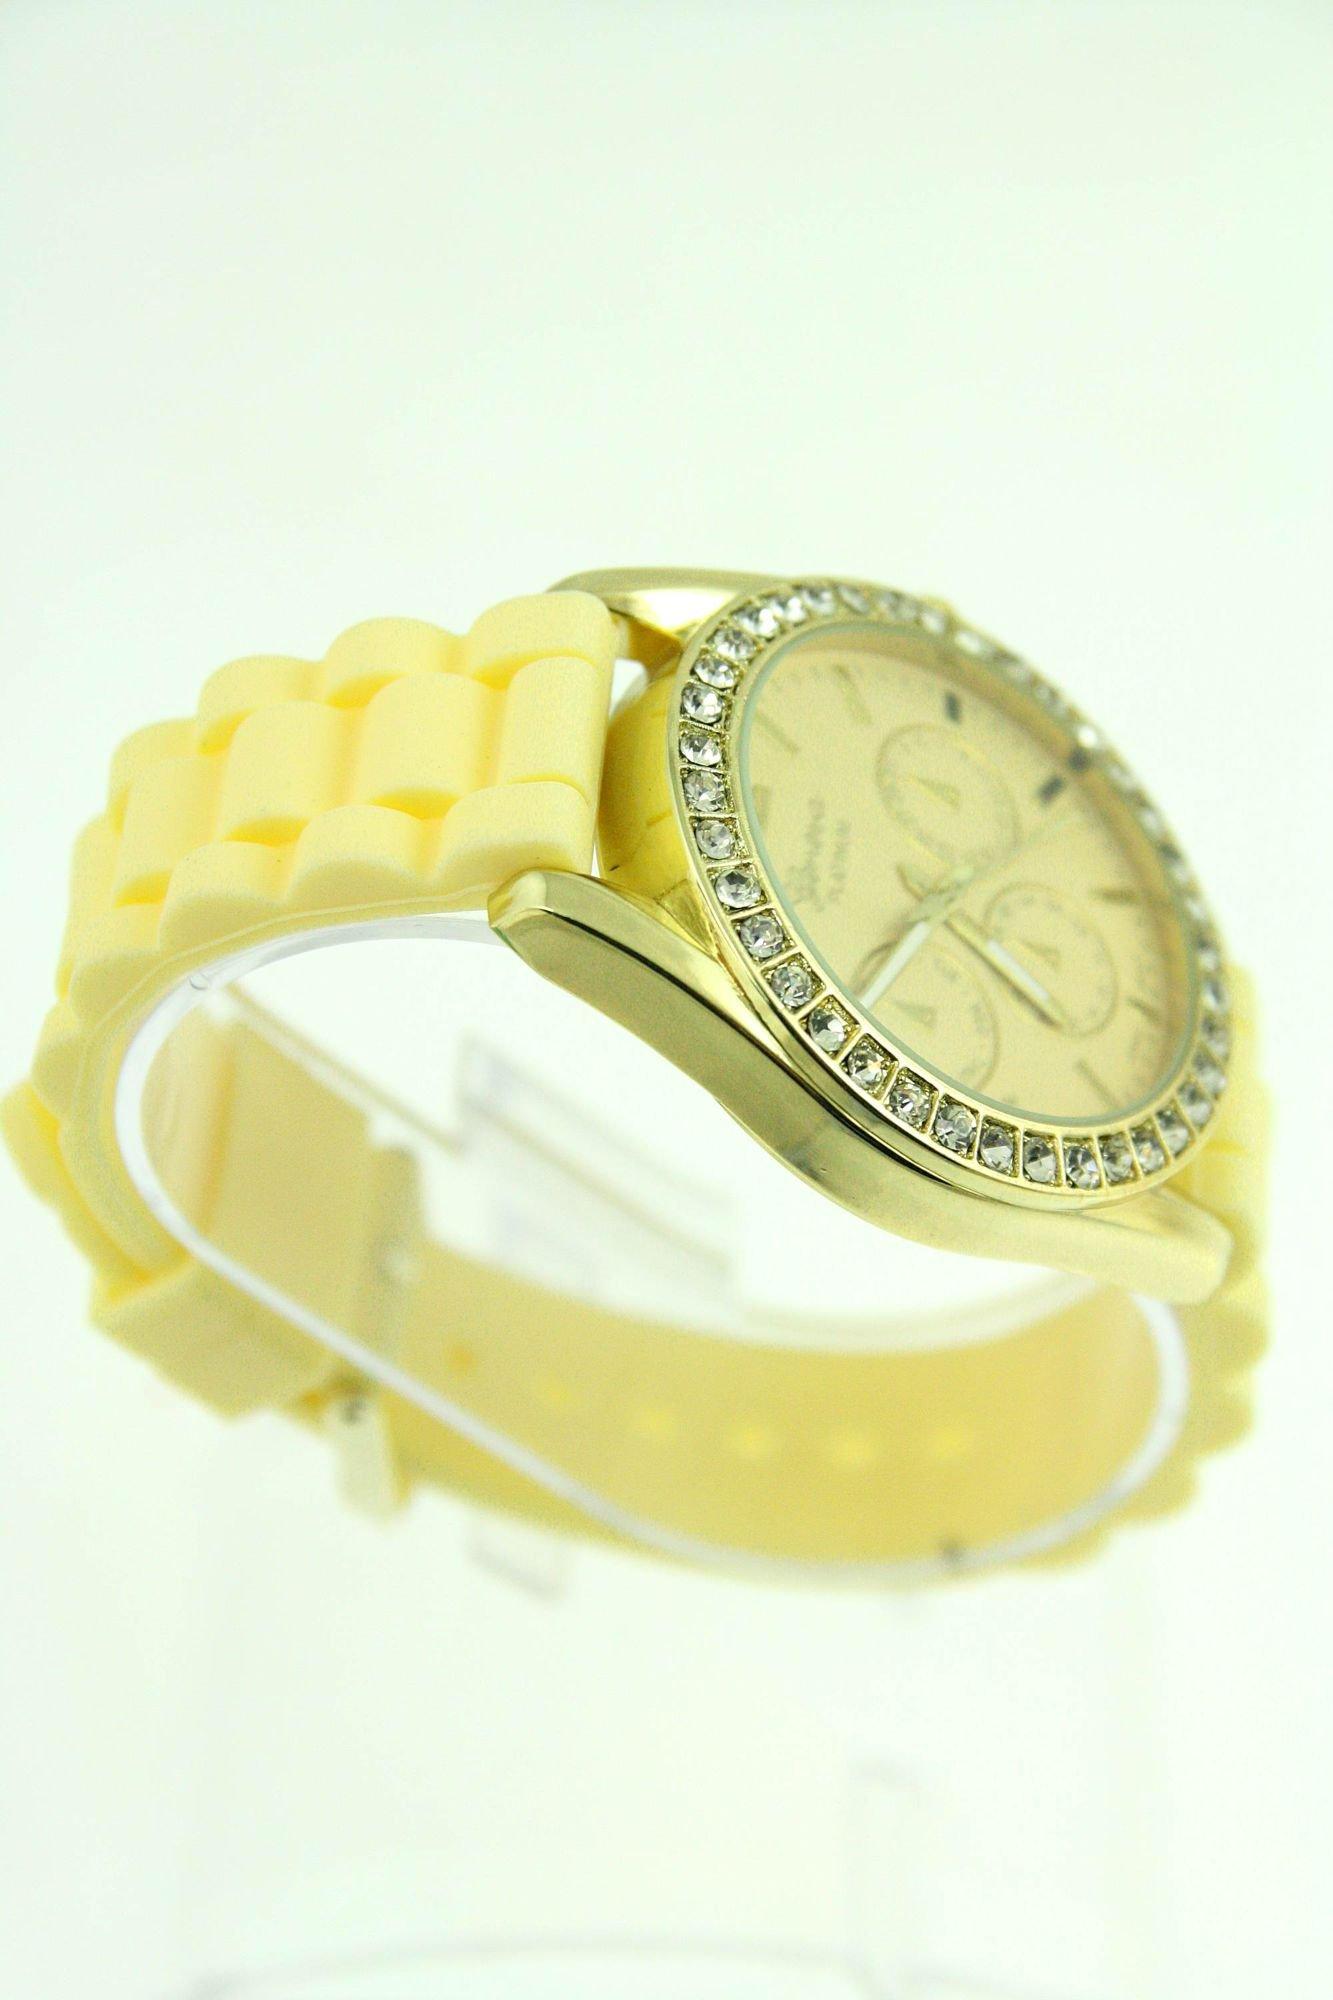 GENEVA Morelowy zegarek damski z cyrkoniami na silikonowym pasku                                  zdj.                                  2